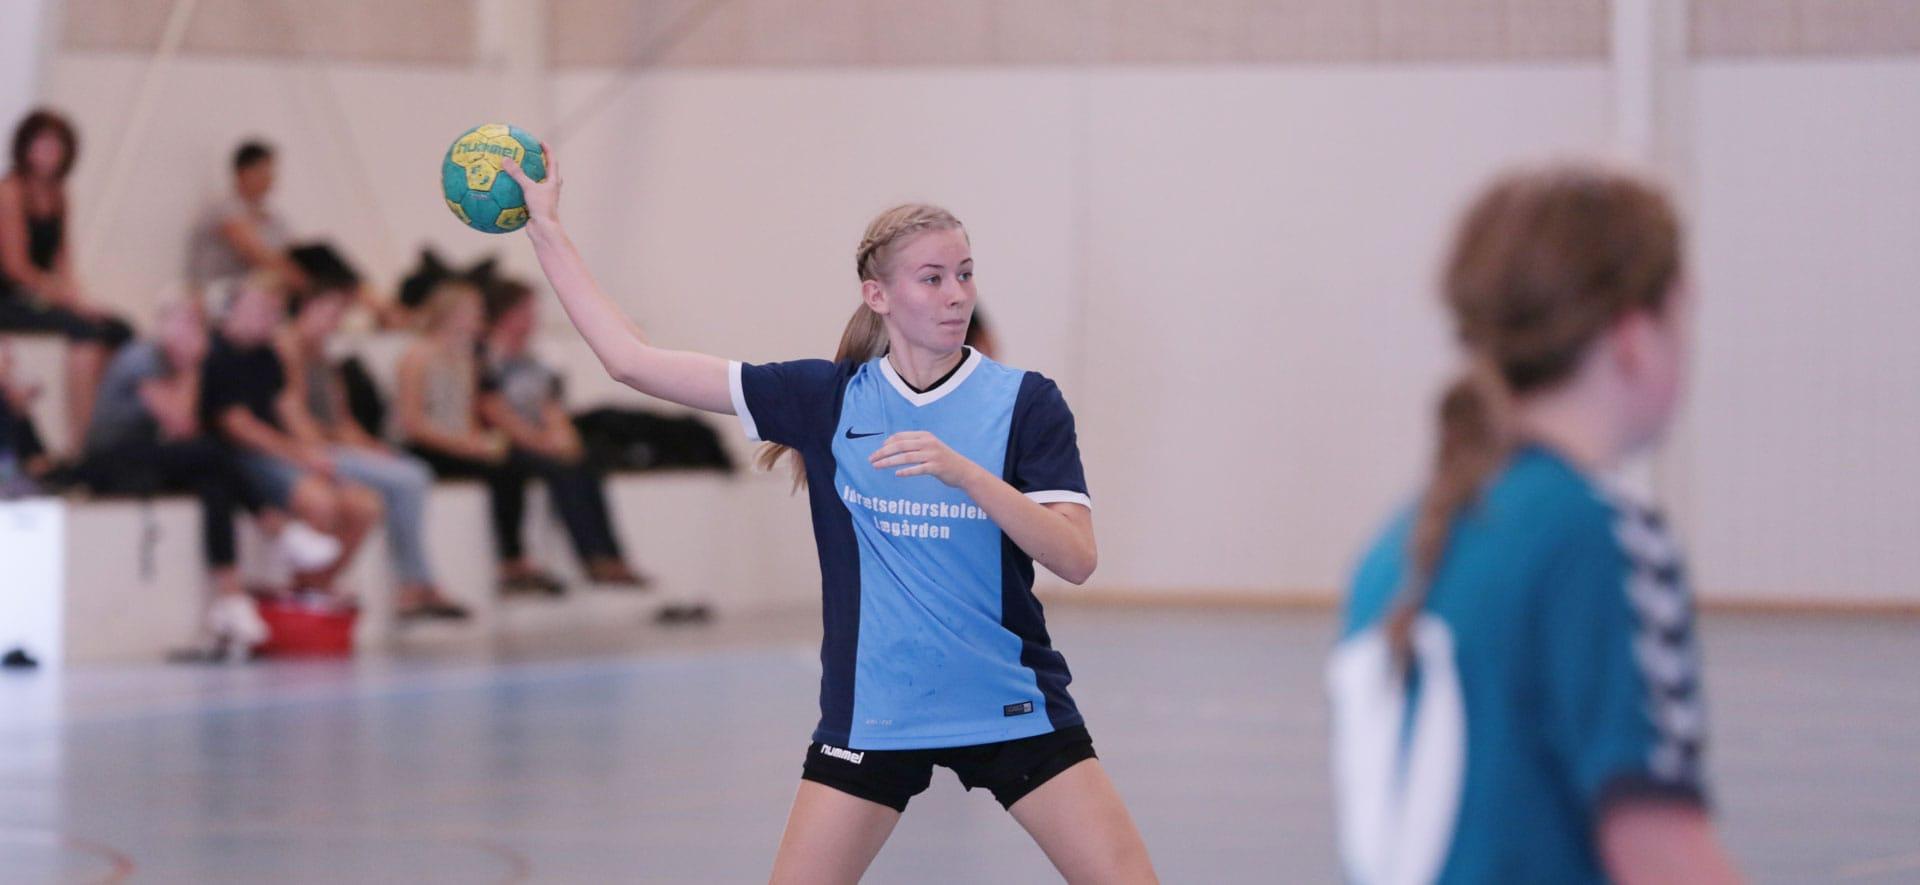 Gør klar til kast på håndboldefterskolen